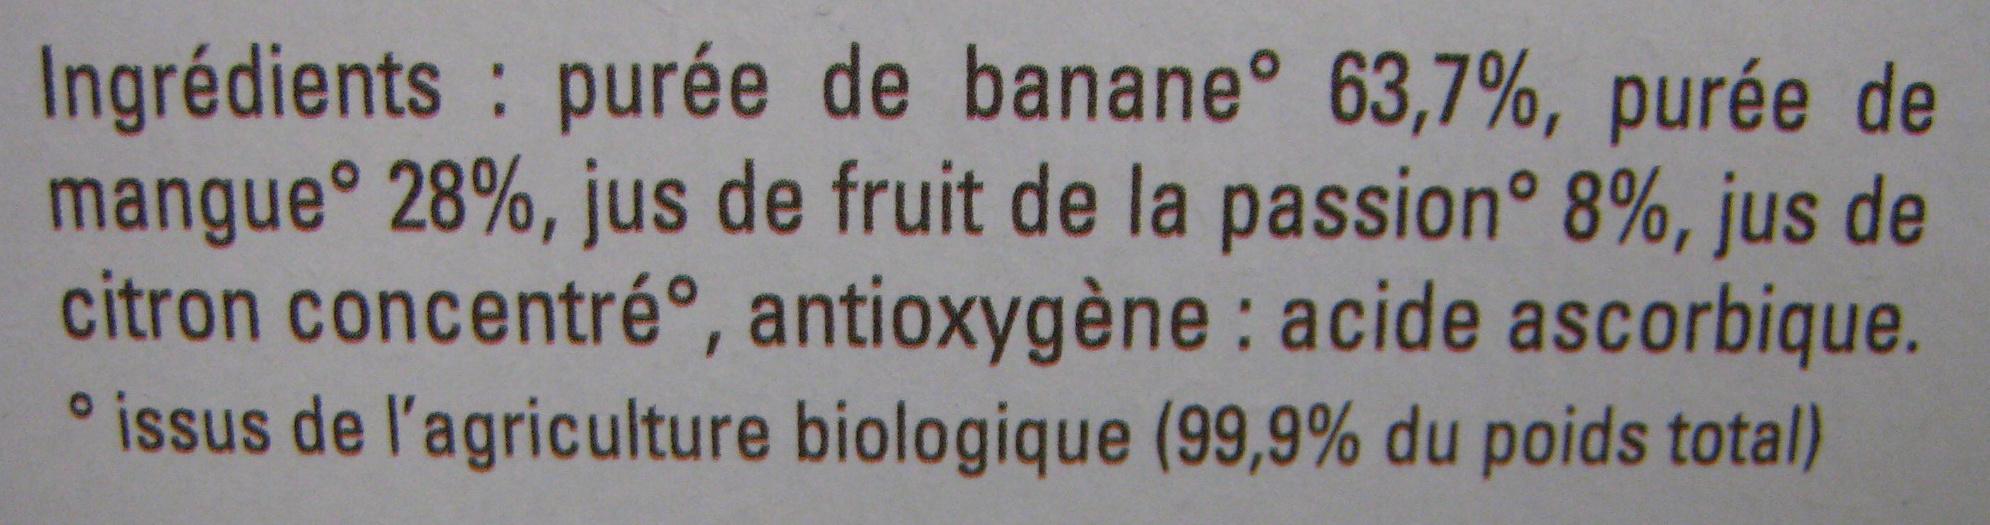 Banane Mangue Passion bio - Ingrediënten - fr